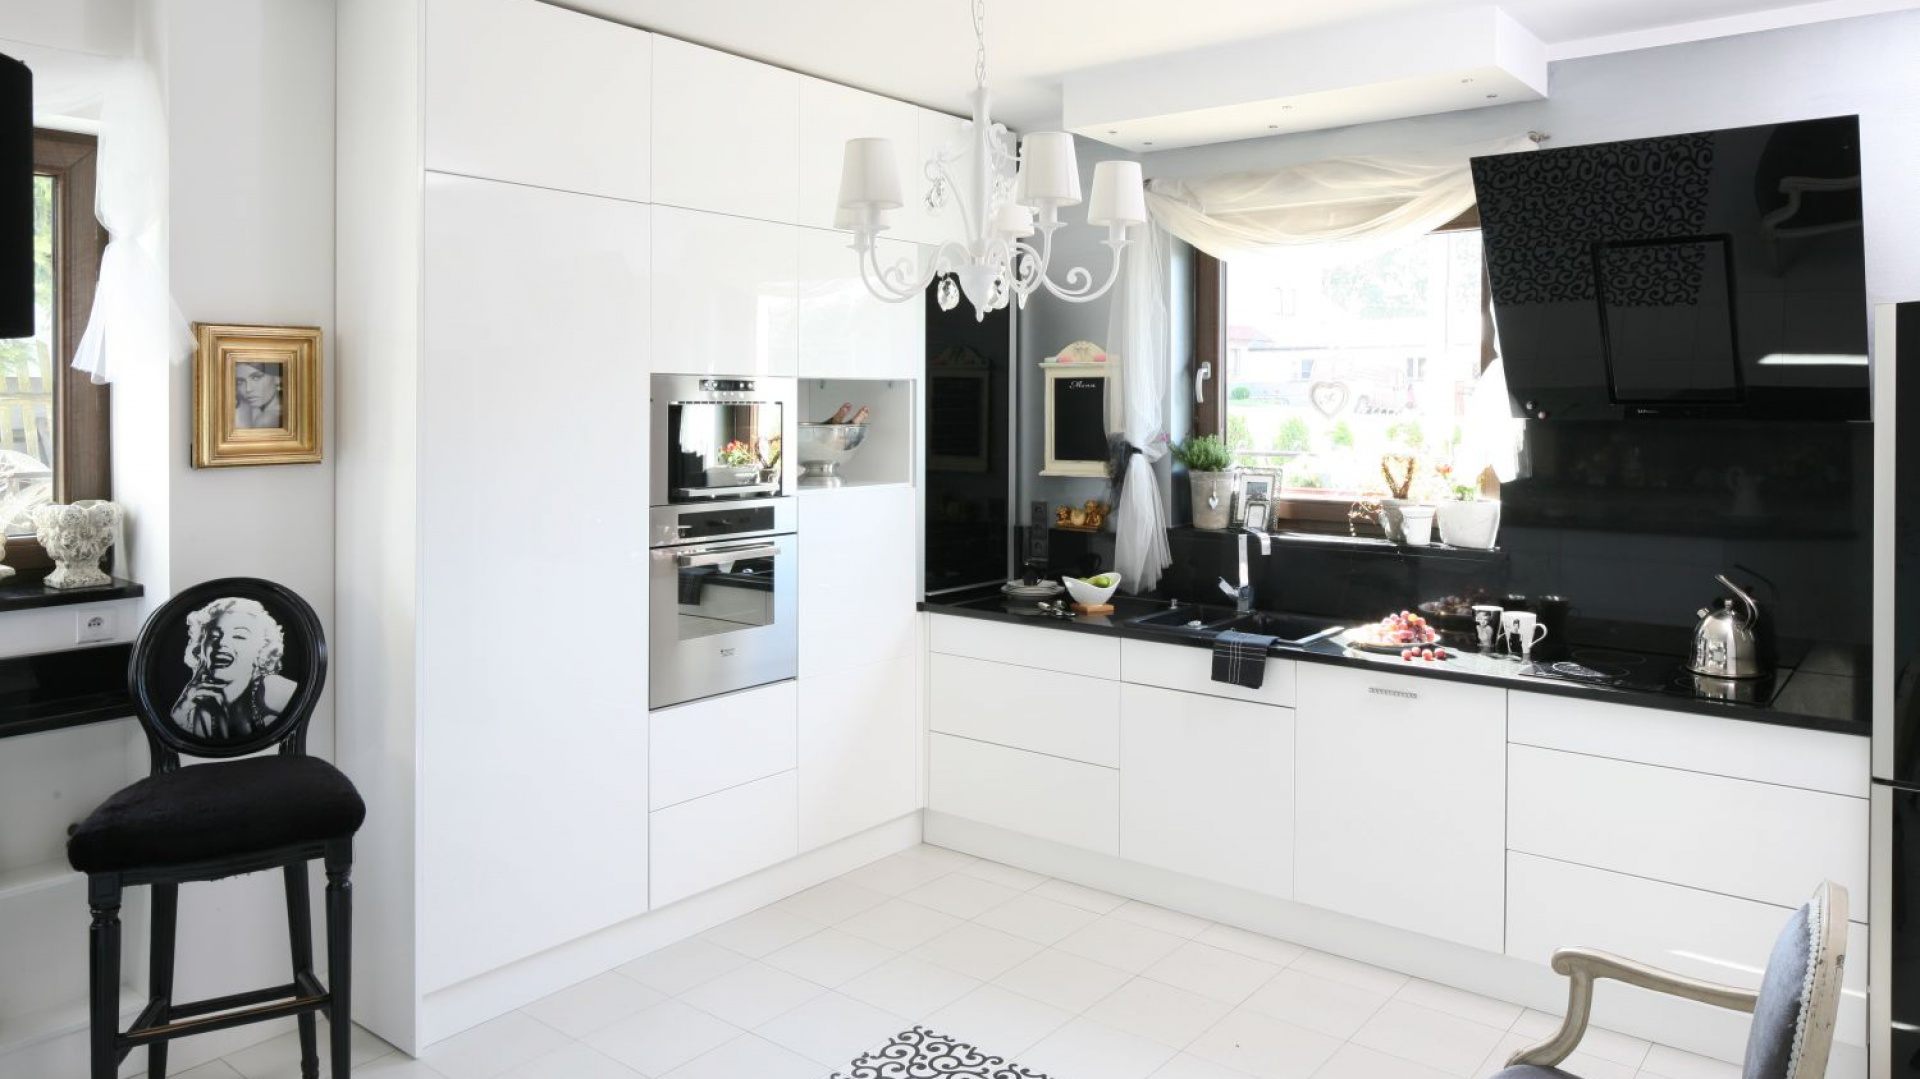 Biało czarna kuchnia Kuchnia w stylu glamour 10 zdjęć z polskich domów